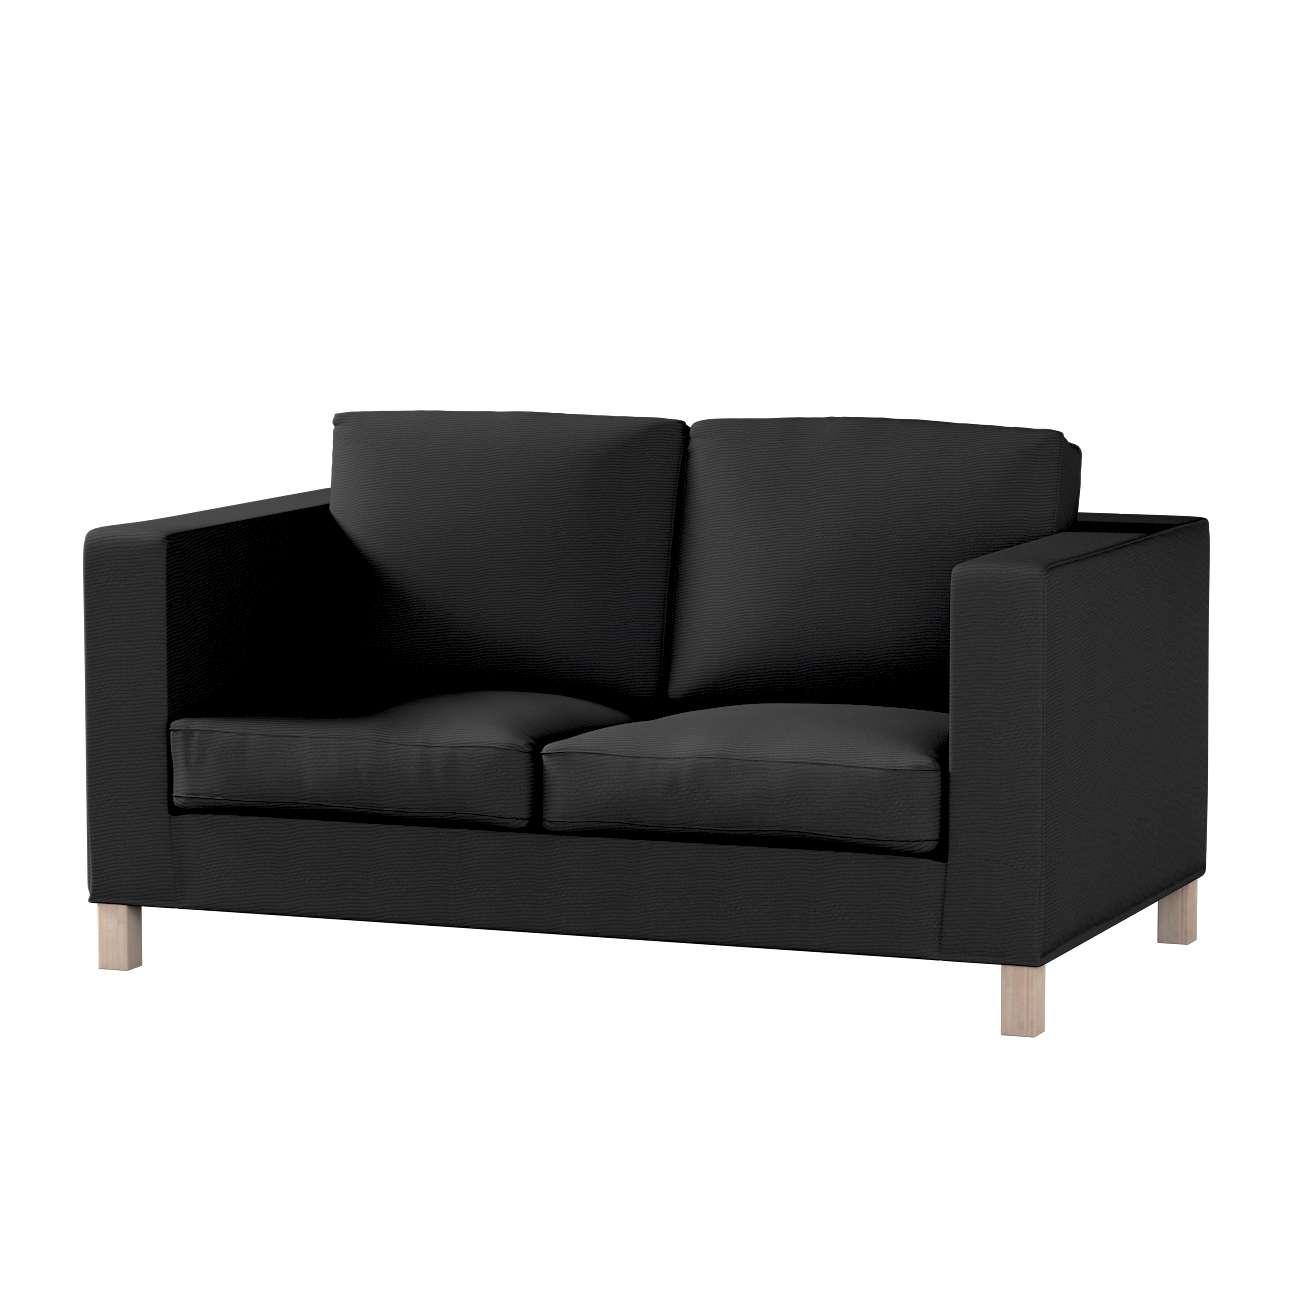 KARLANDA dvivietės sofos užvalkalas KARLANDA dvivietės sofos užvalkalas kolekcijoje Etna , audinys: 705-00